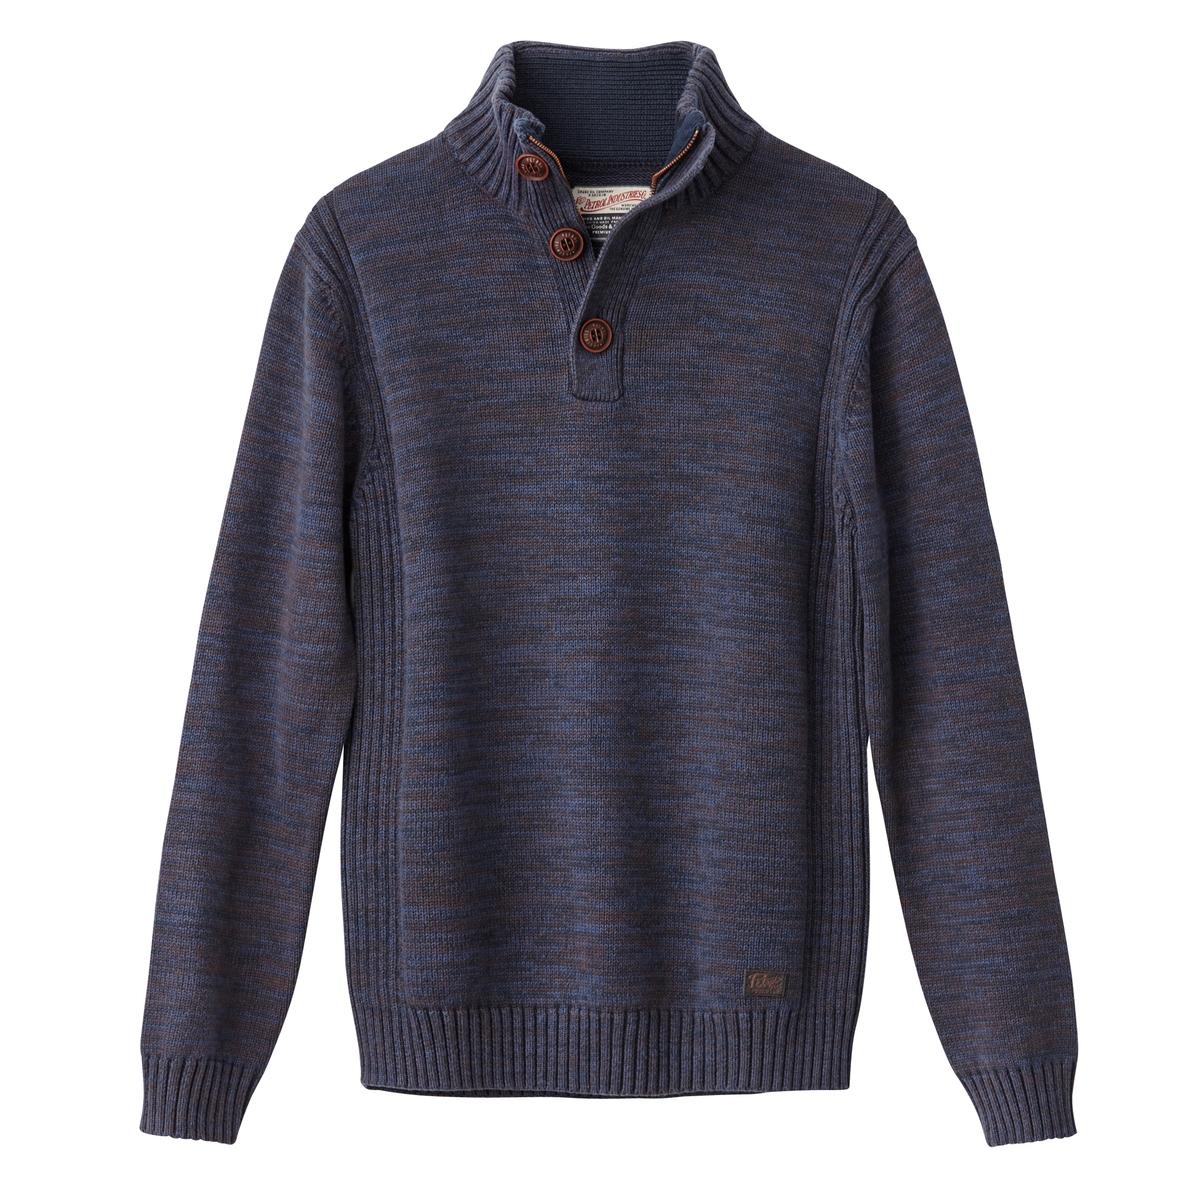 Пуловер крупной вязкиДетали  •  Длинные рукава  •  Воротник-стойка •  Плотный трикотаж Состав и уход  •  100% хлопок  •  Следуйте советам по уходу, указанным на этикетке<br><br>Цвет: синий,экрю